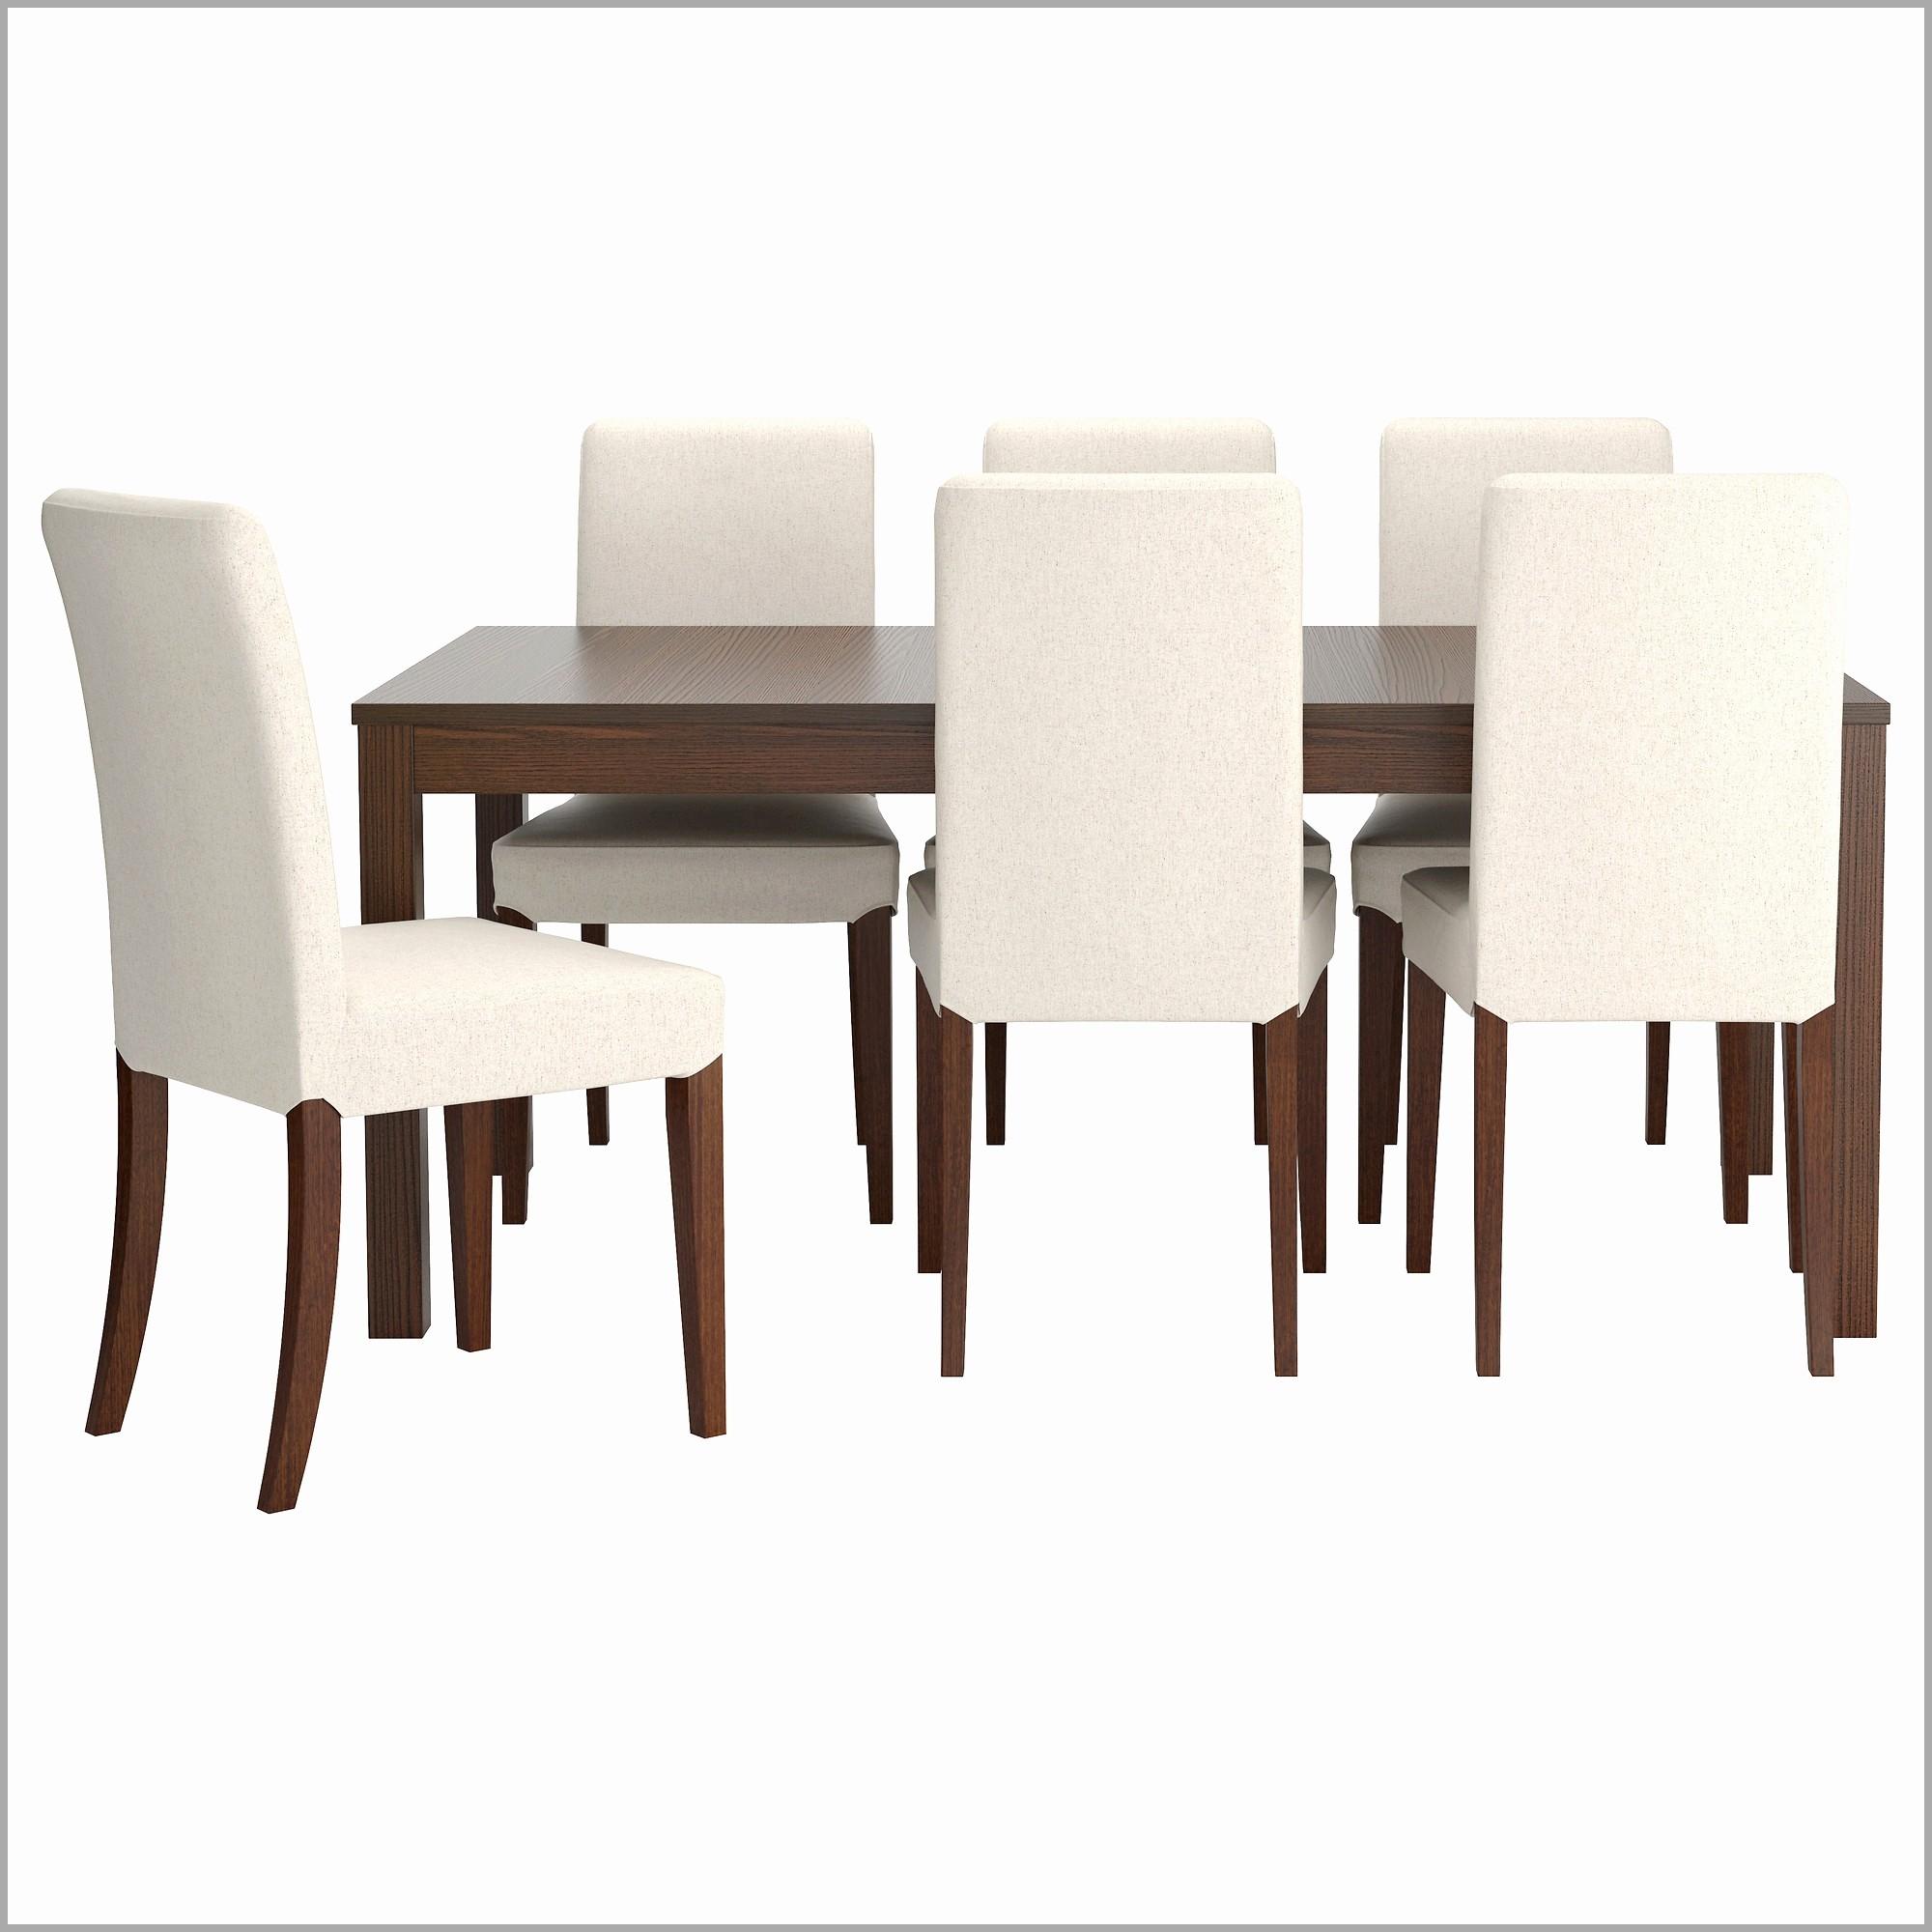 chaises salle a manger conforama table chaises conforama great salon de jardin pas cher table